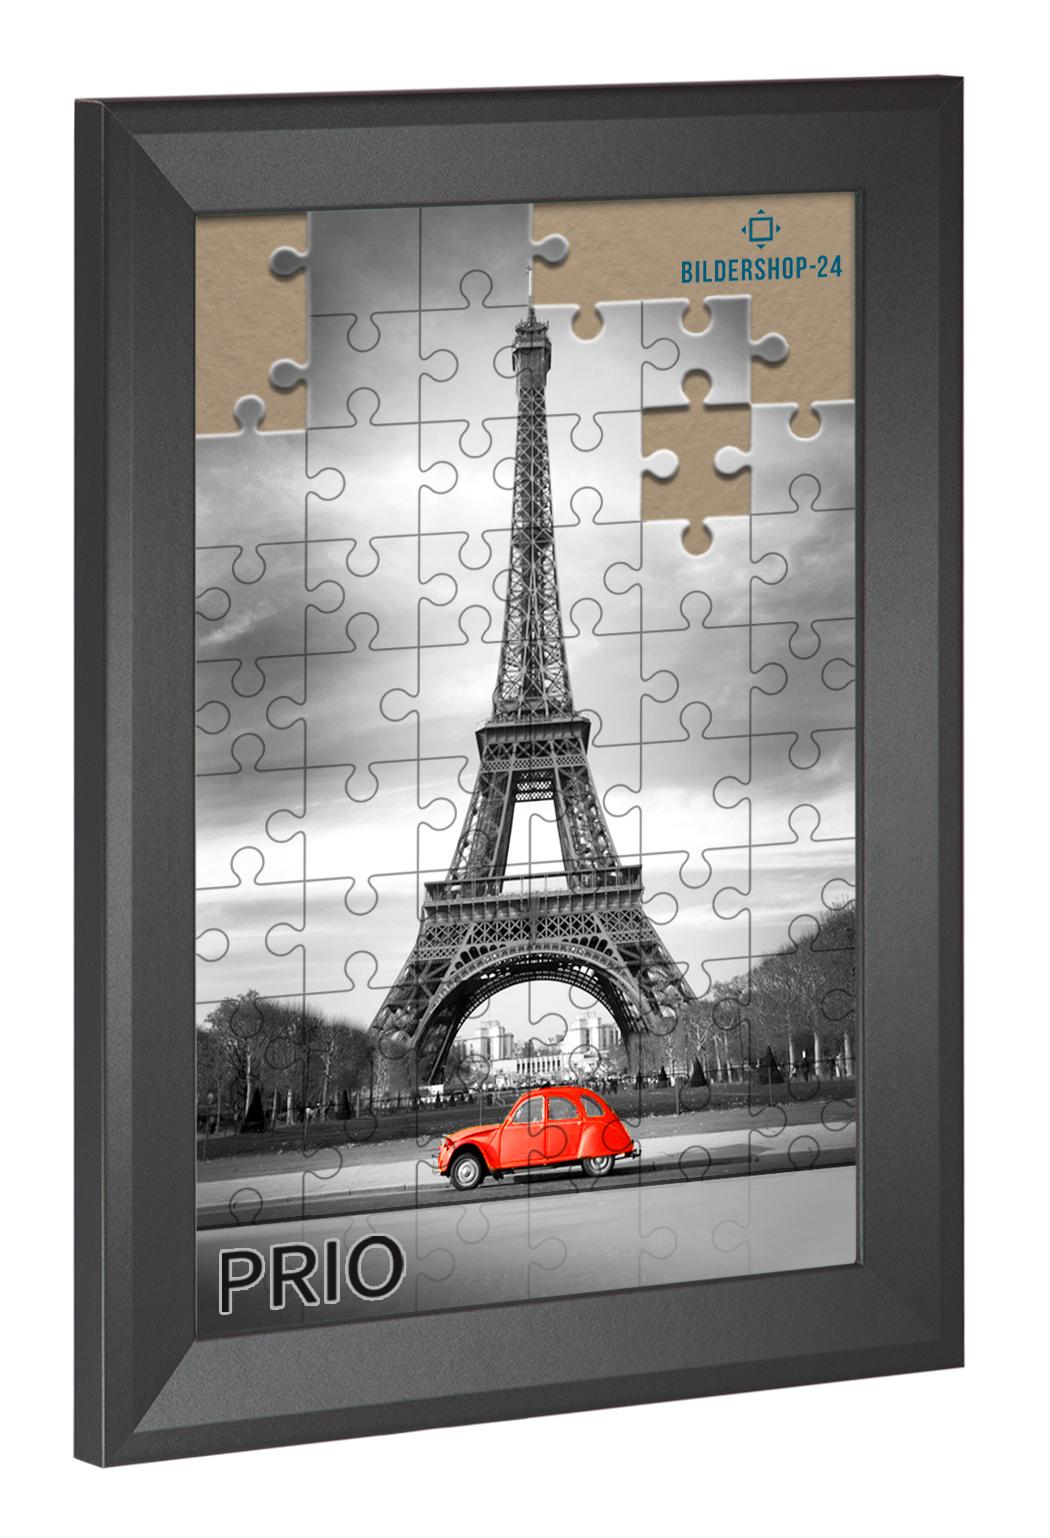 Bilderrahmen für Puzzle PRIO in 6 Farben 75x98 98x75 NEU ANGEBOT ...